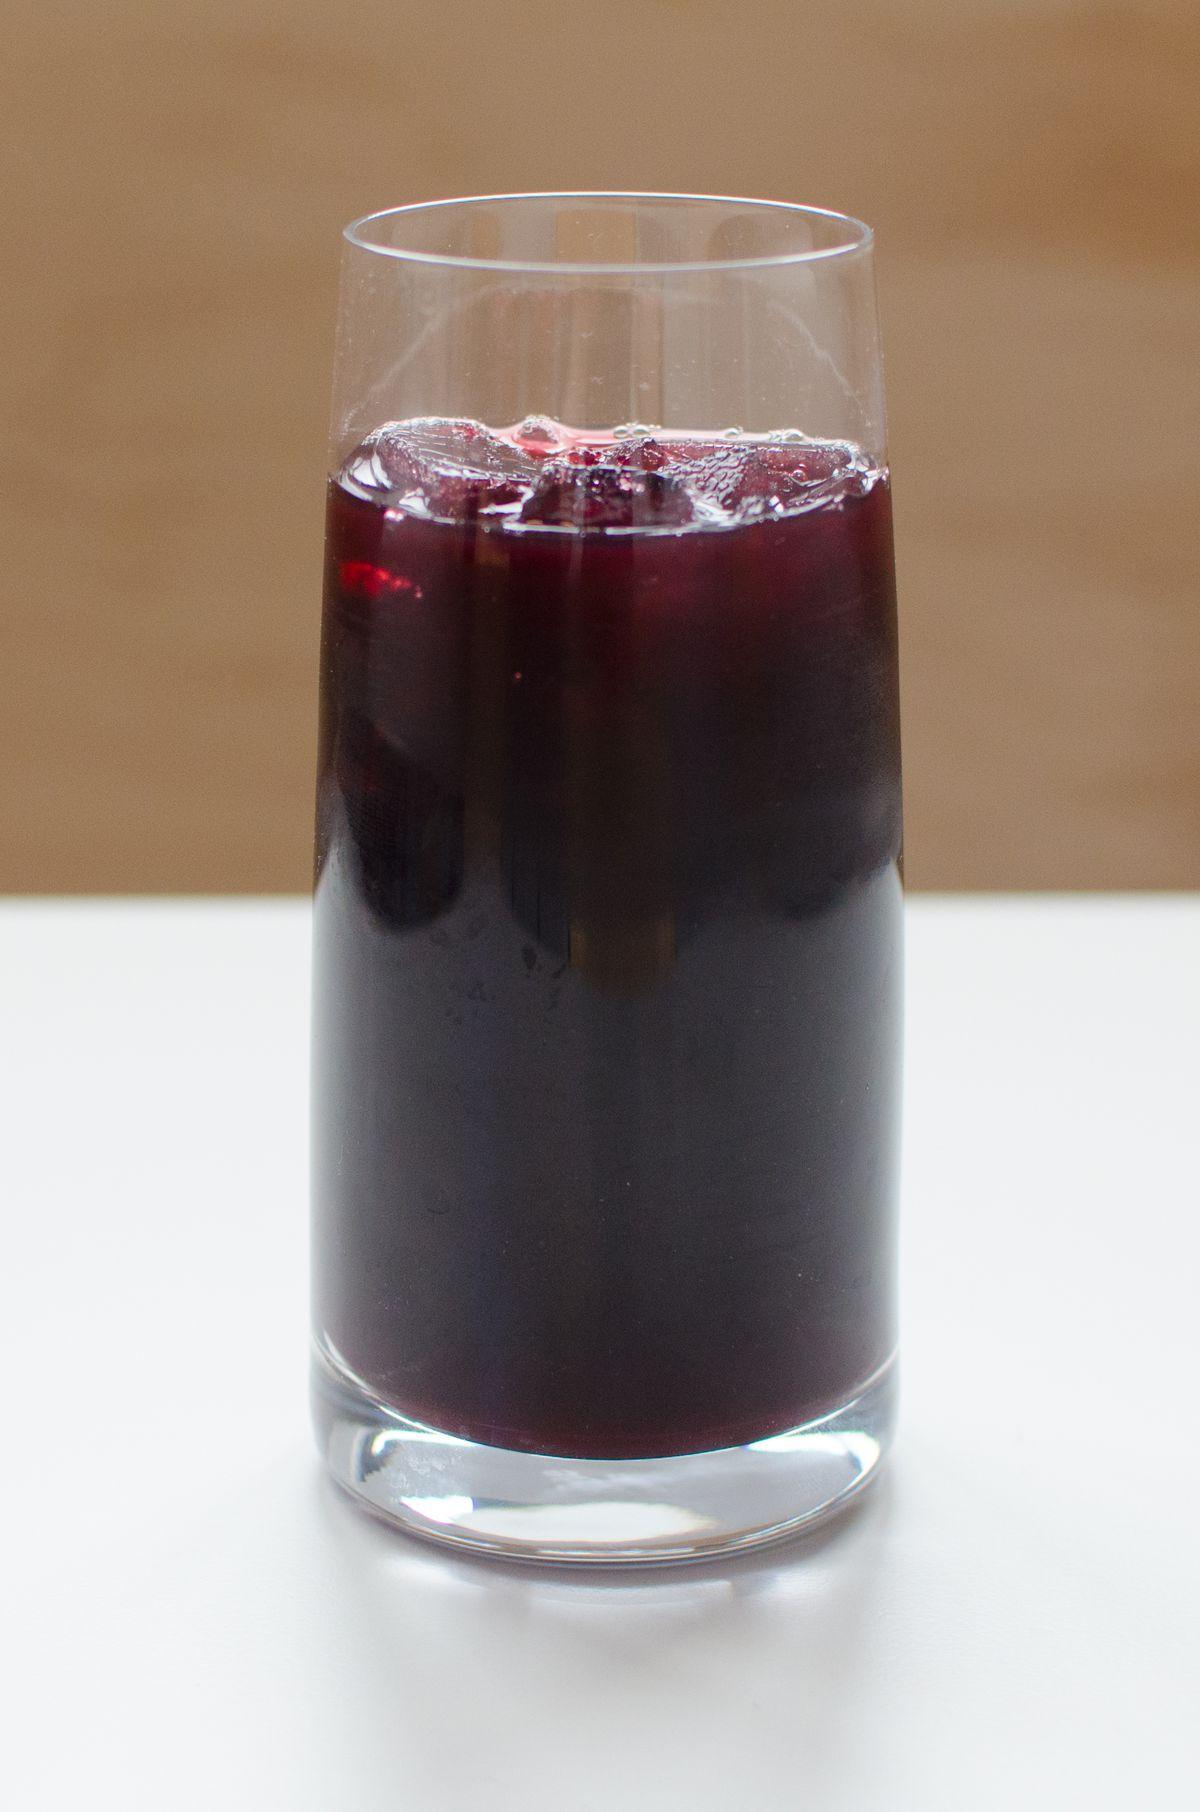 Chicha morada (a non-alcoholic Peruvian purple corn beverage) at Celeste